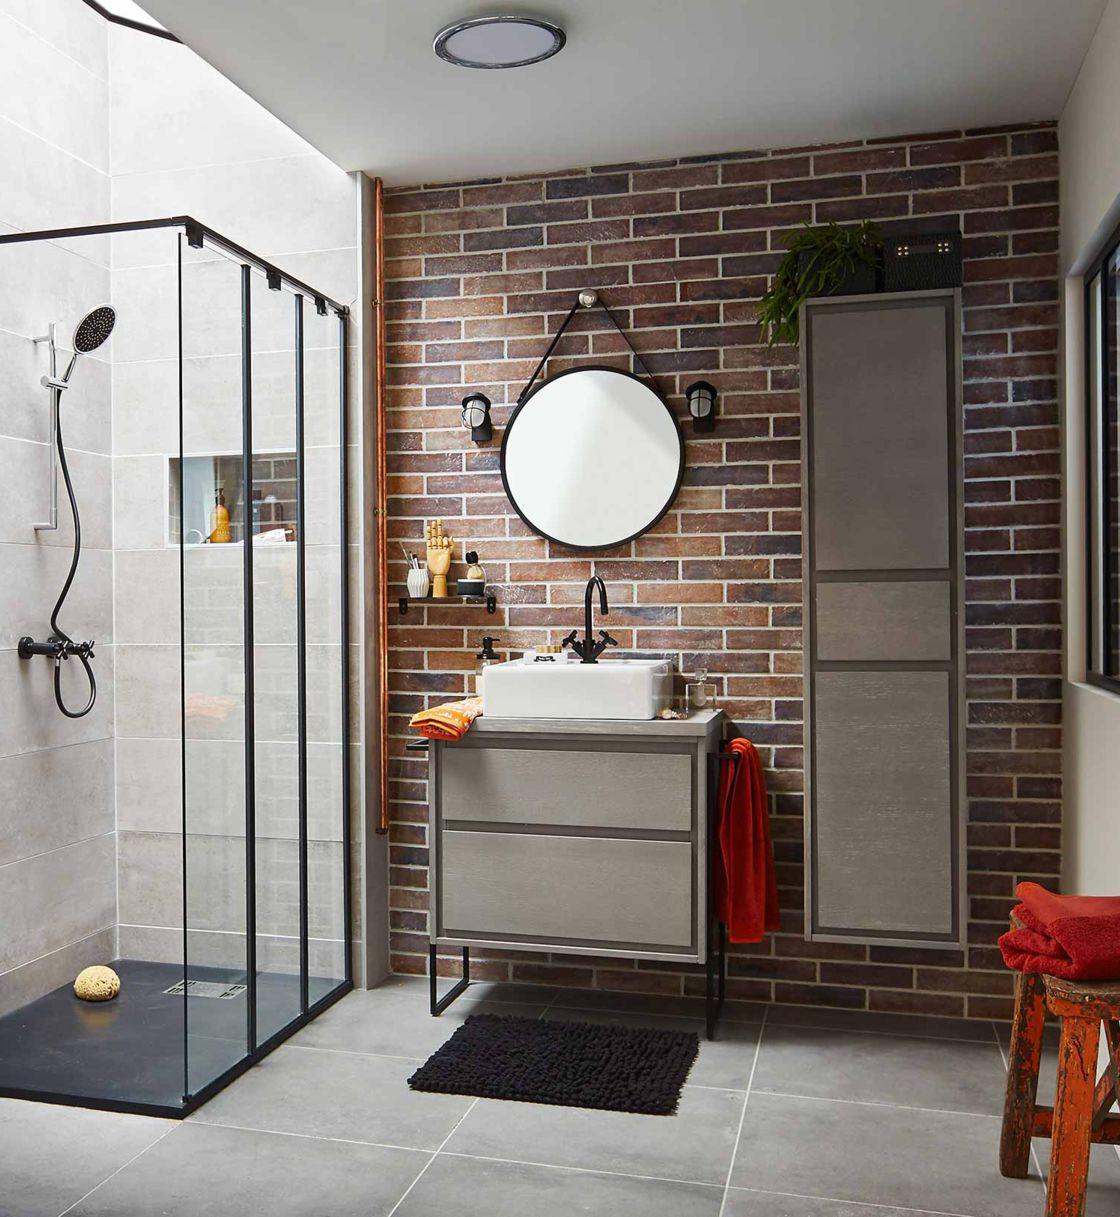 Comment Aménager Une Douche Dans Une Petite Salle De Bains intérieur Modèle De Salle De Bain Avec Douche